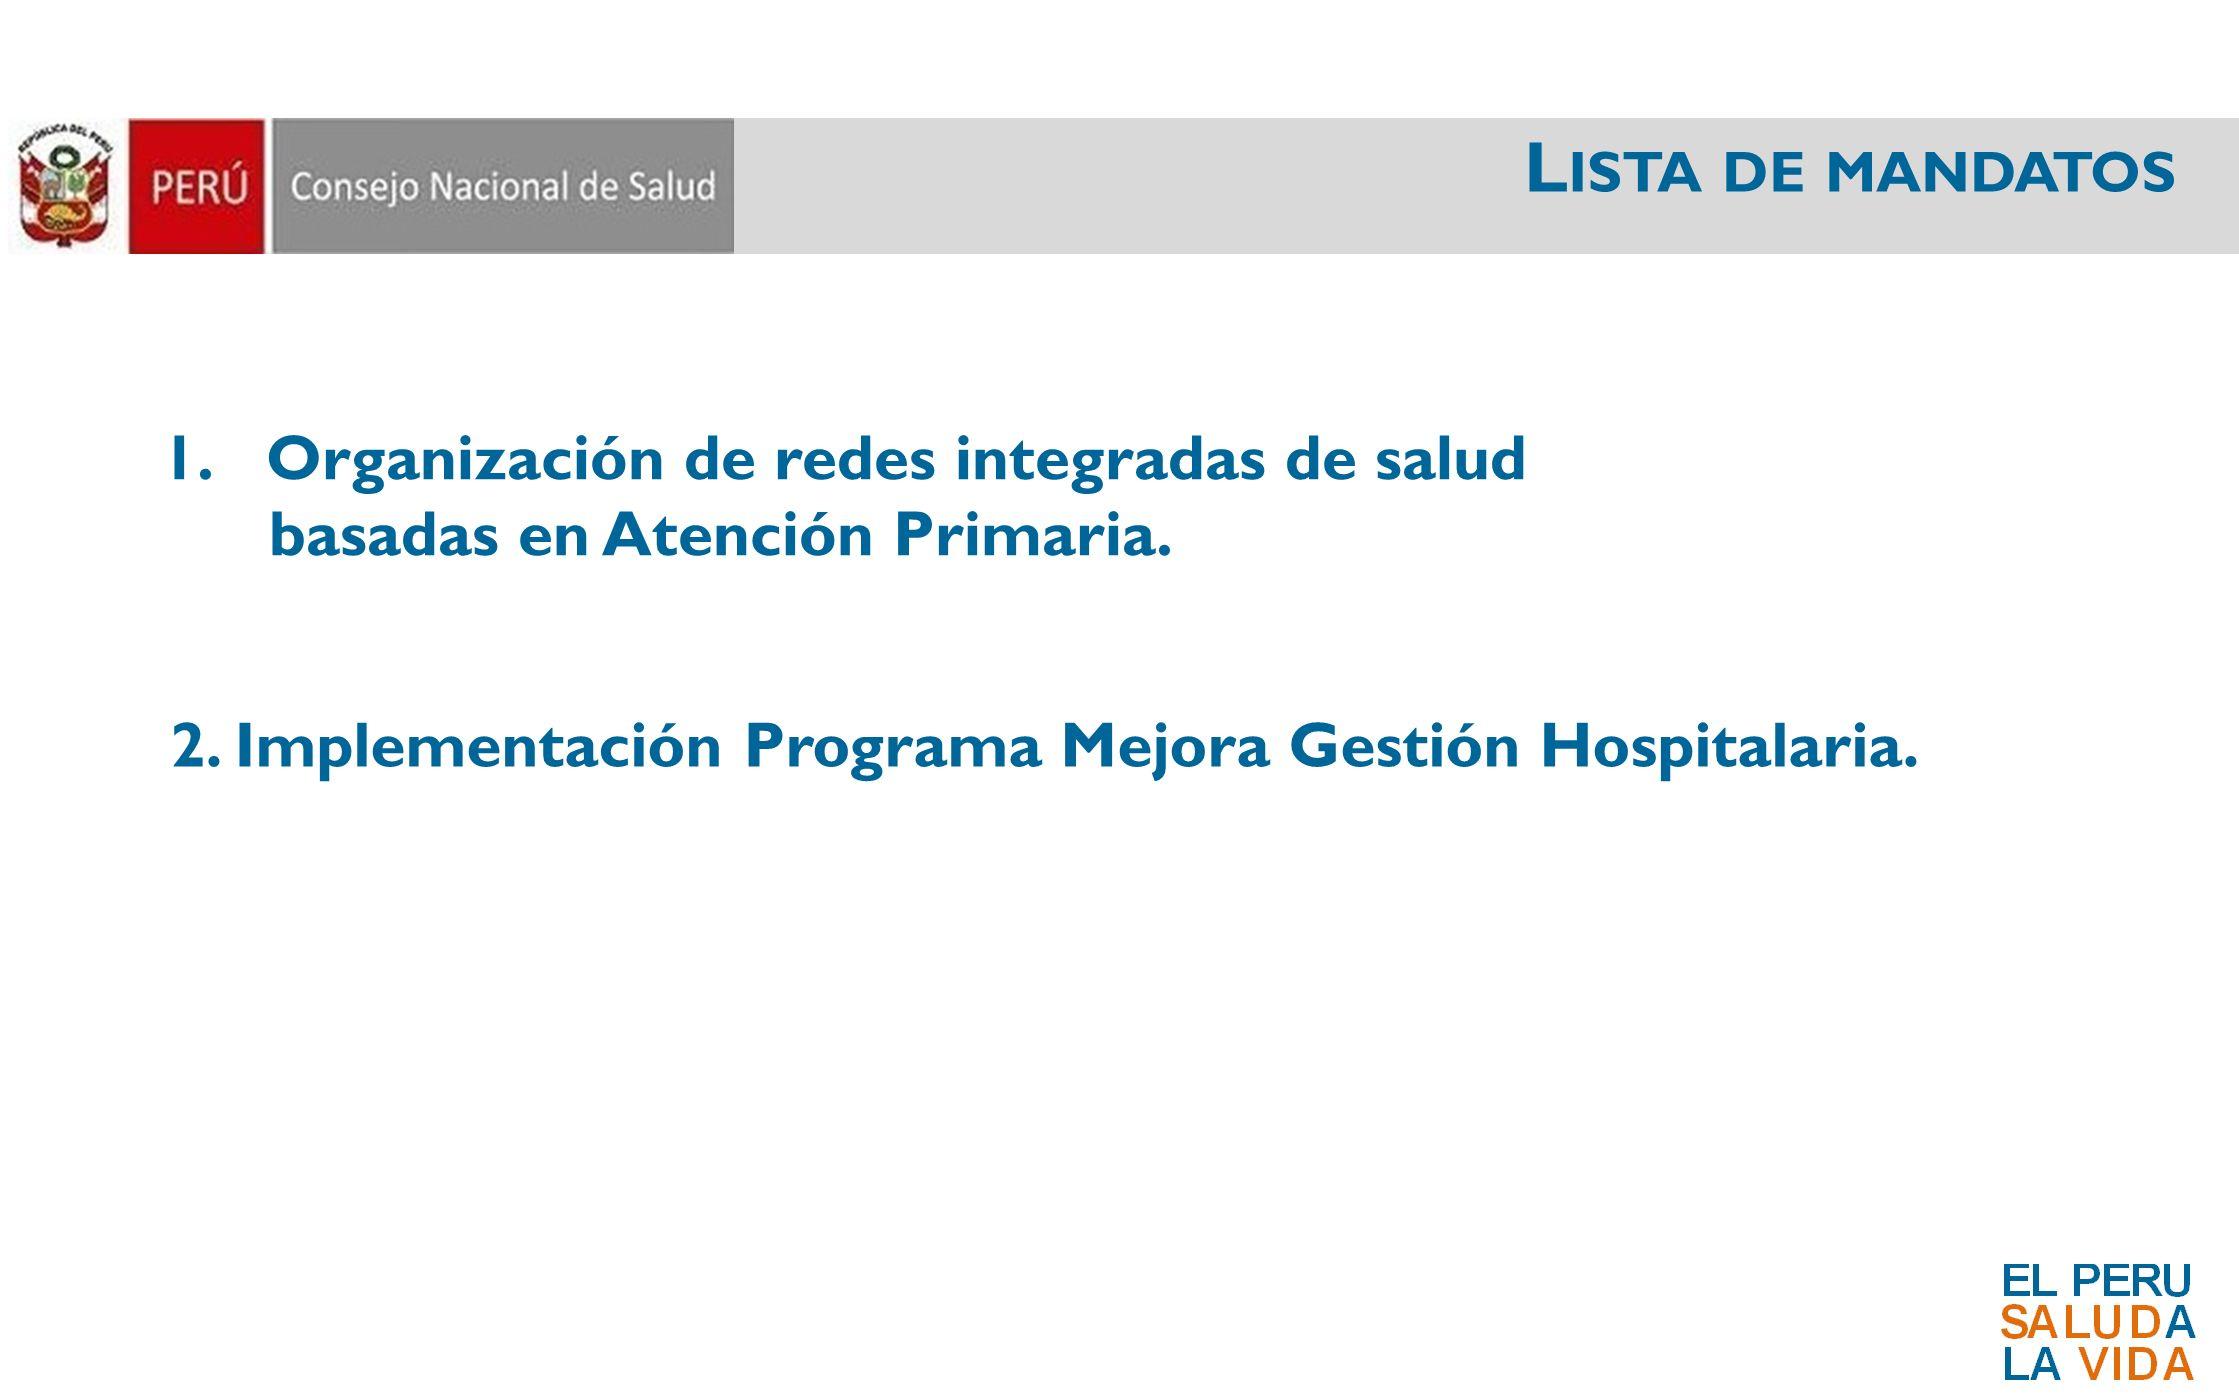 Lista de mandatos Organización de redes integradas de salud